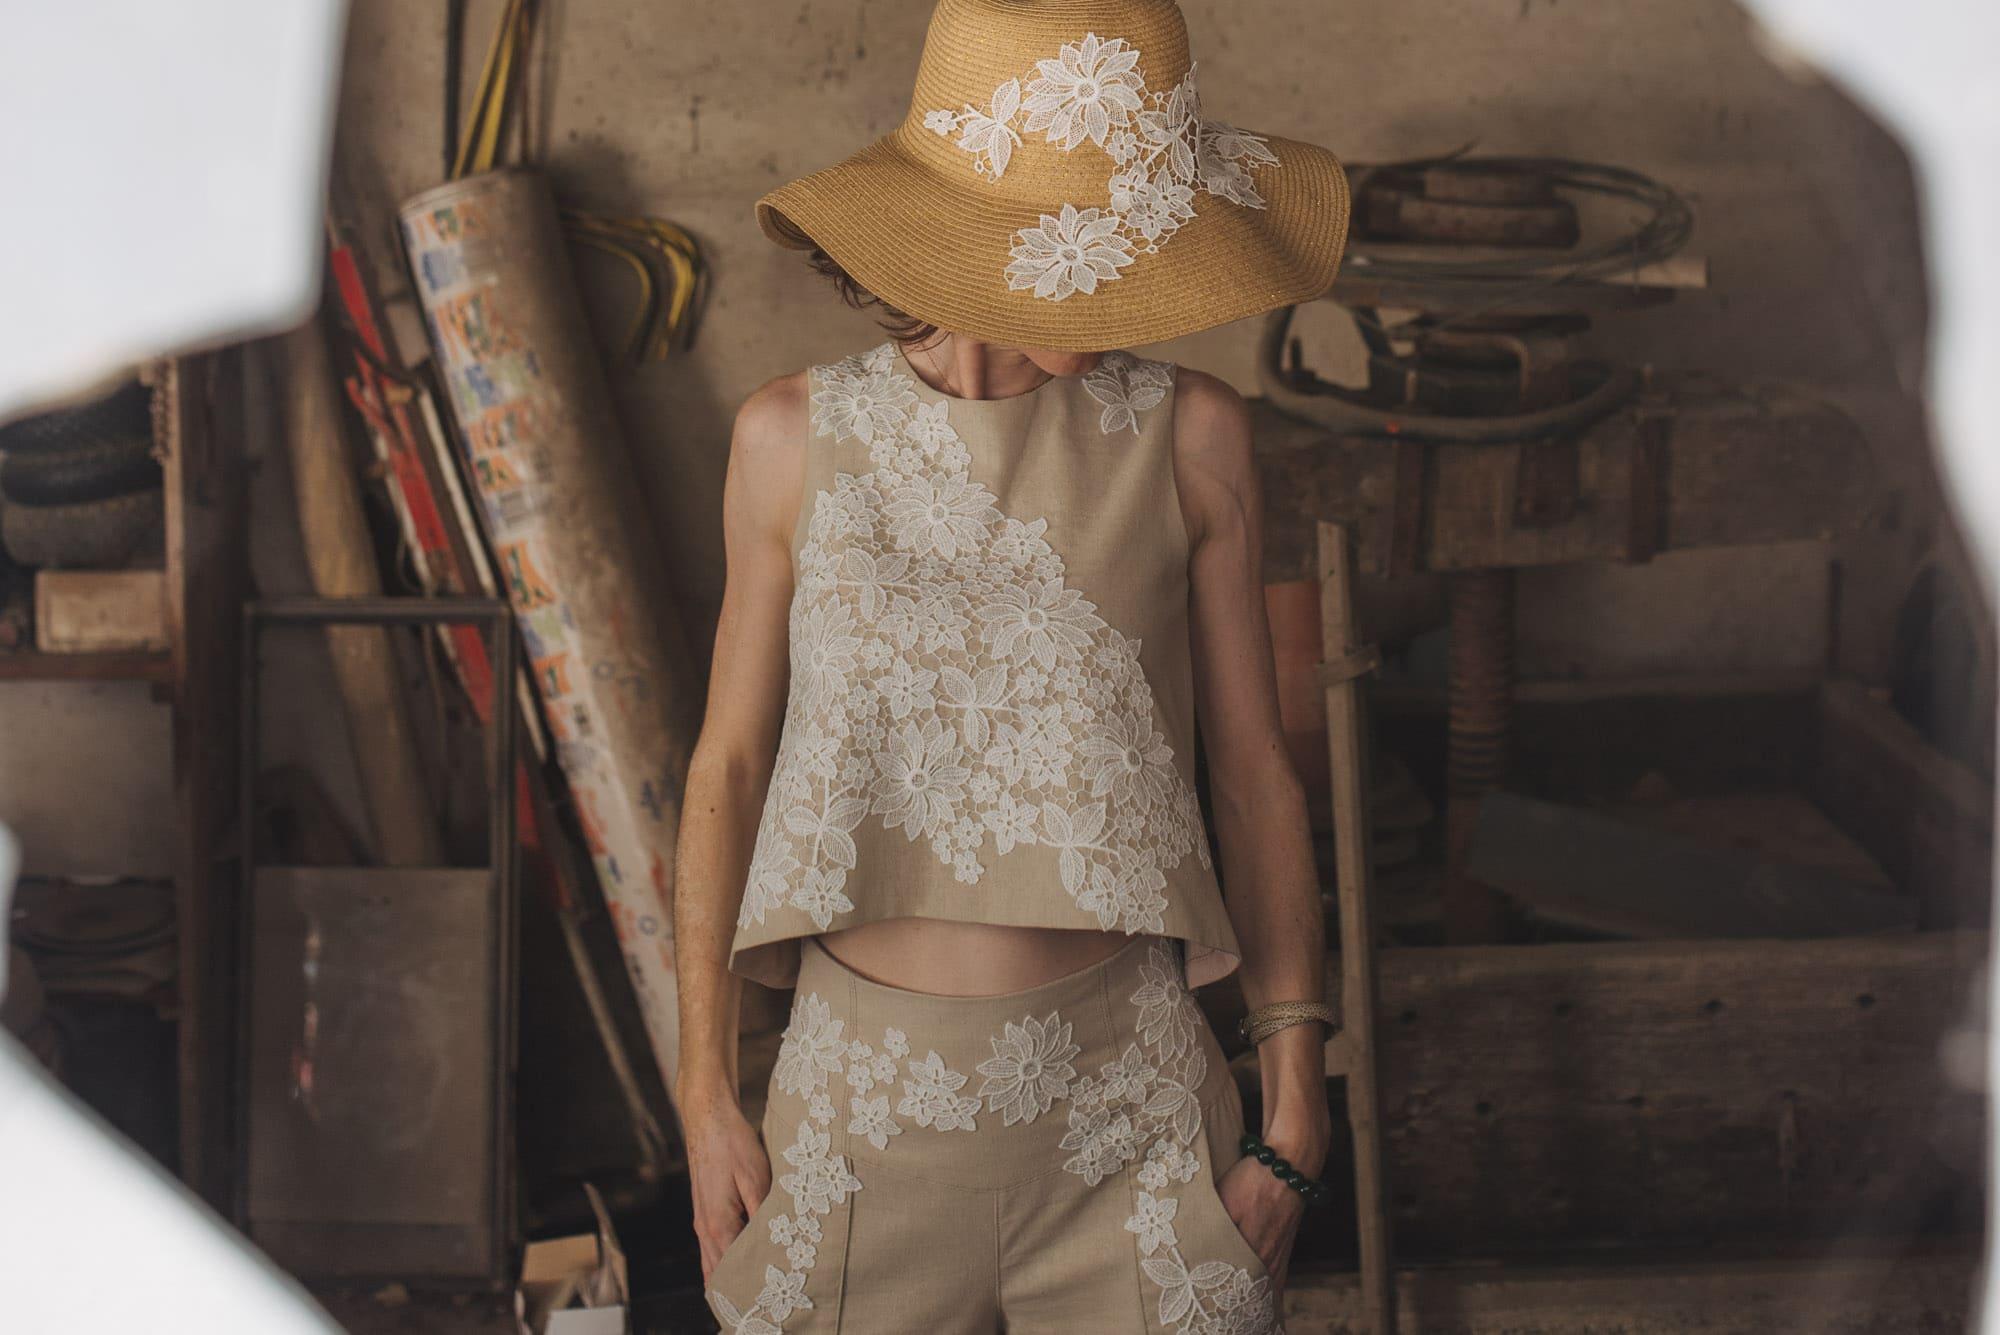 Ensemble tailleur femme, Séverine Maire, By Sue-Sue, Créatrice de mode éthique,Dijon